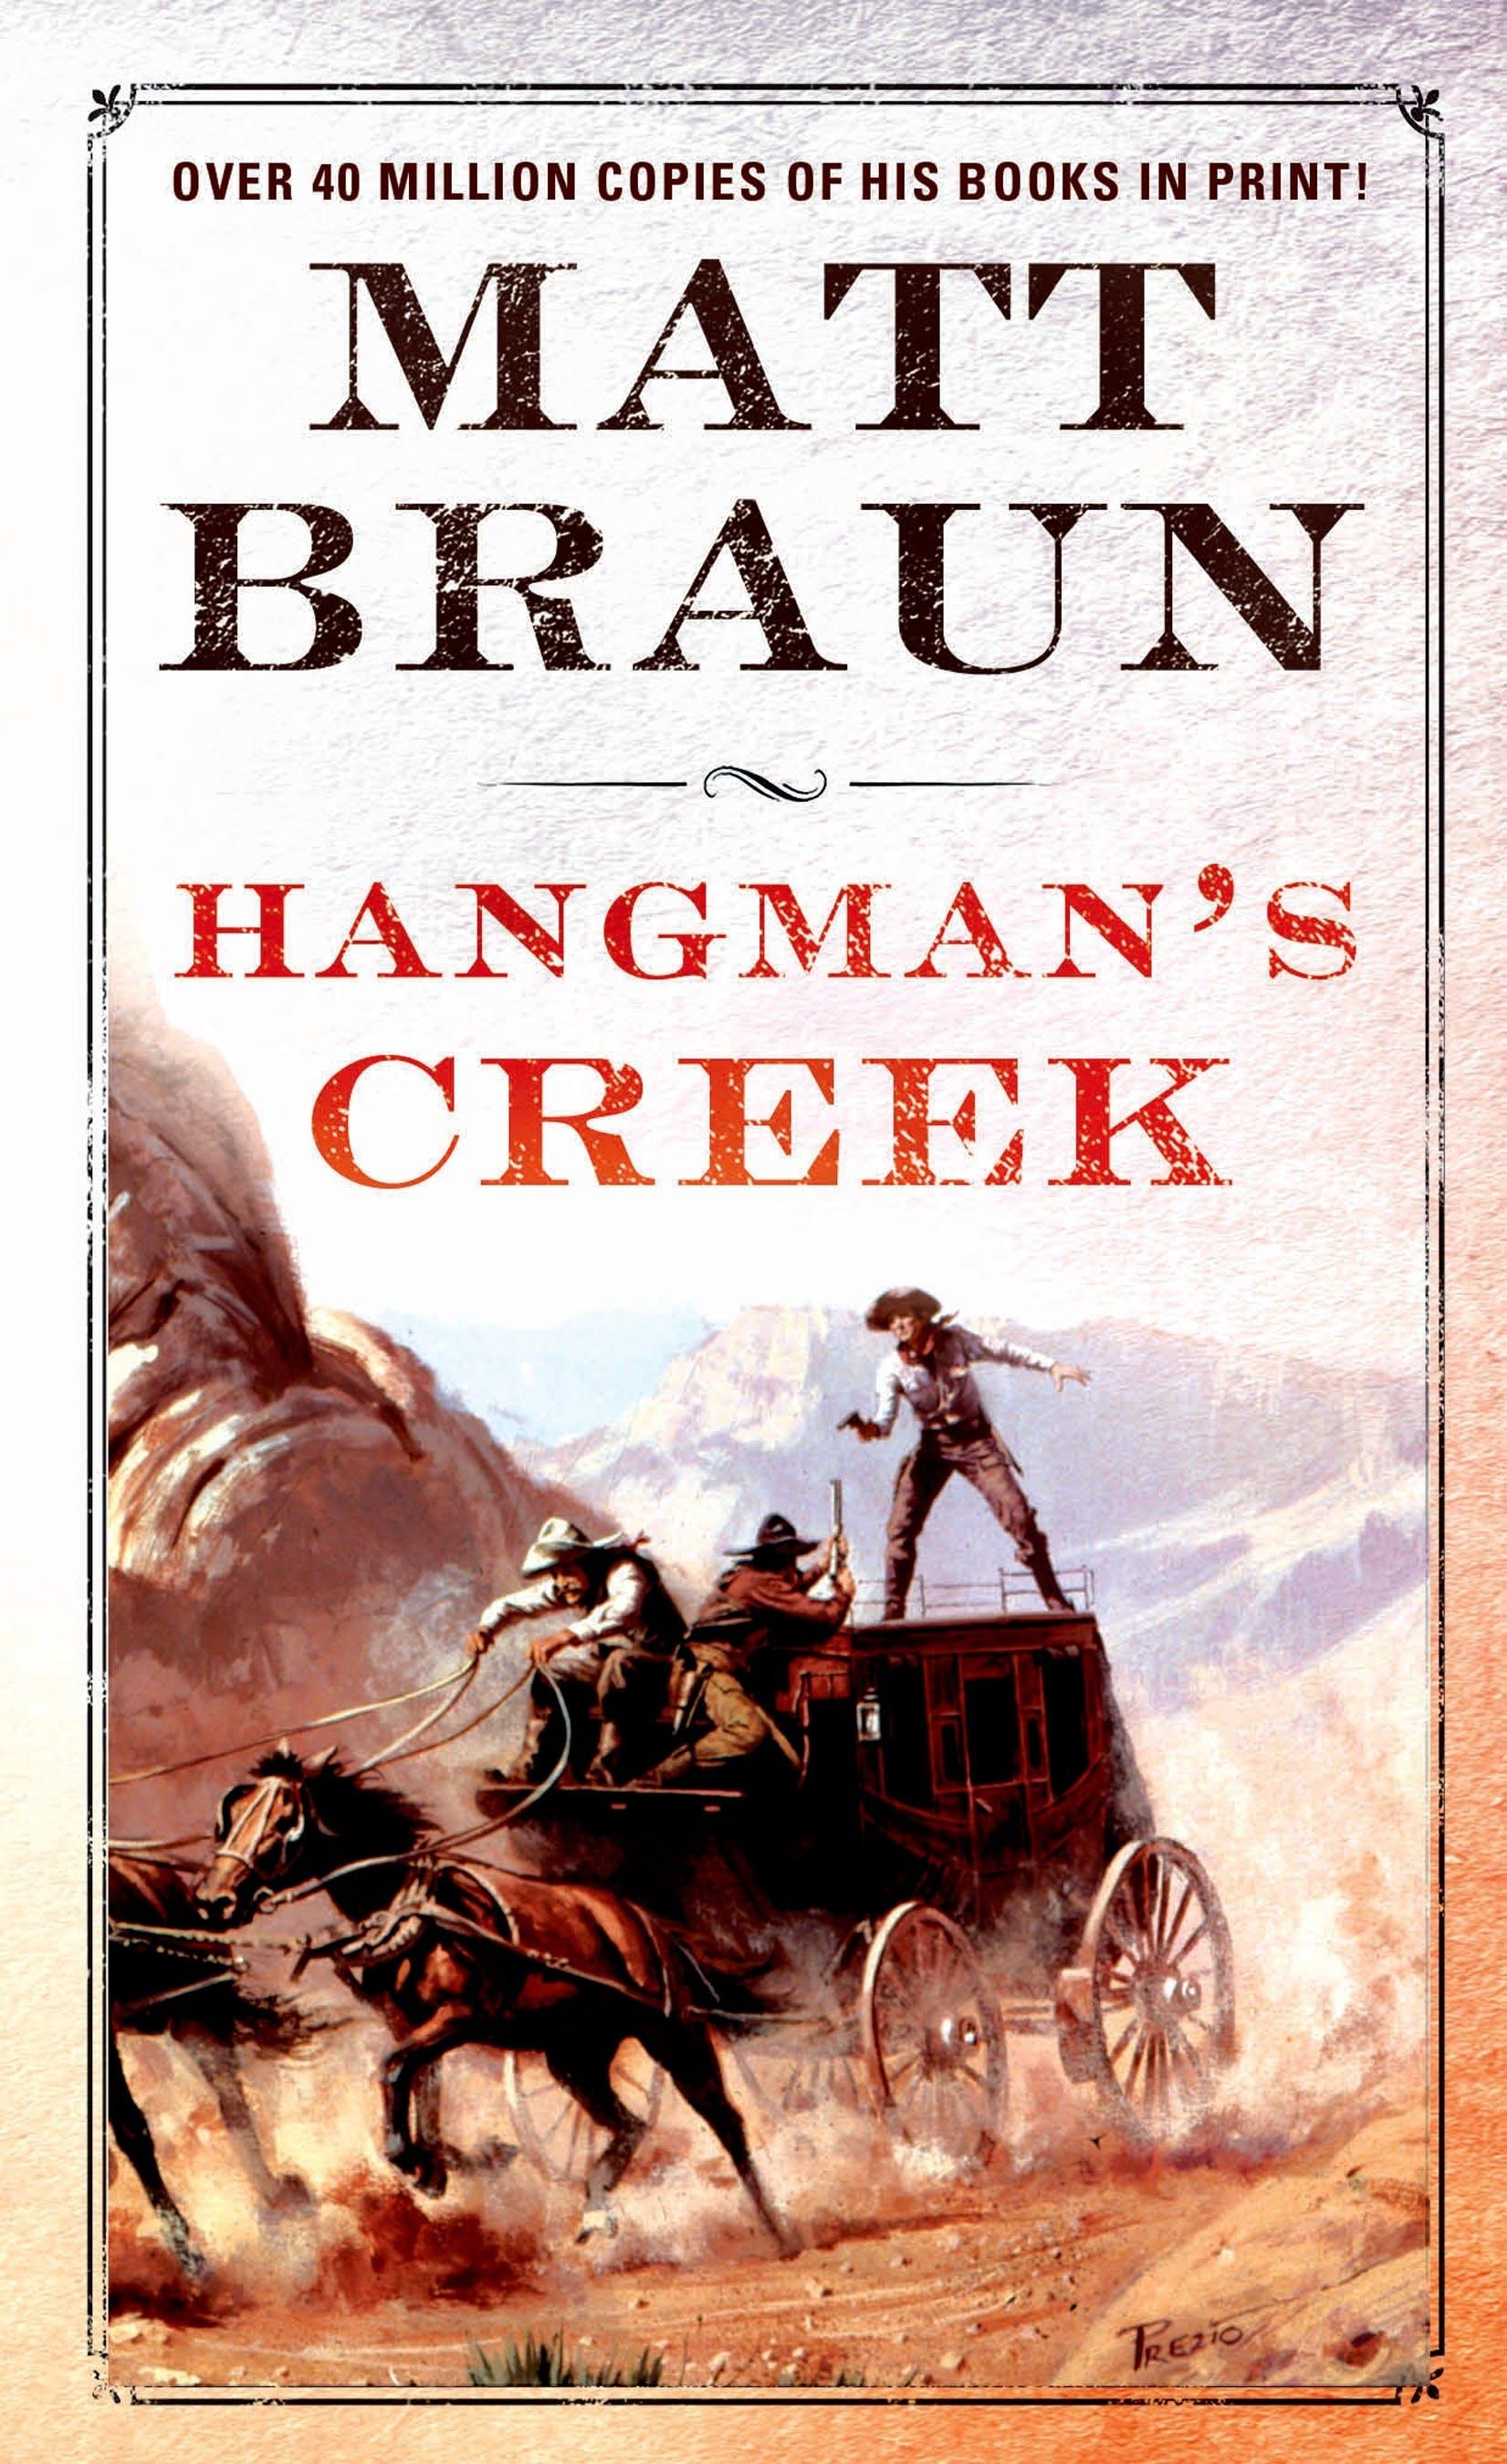 Image of Hangman's Creek